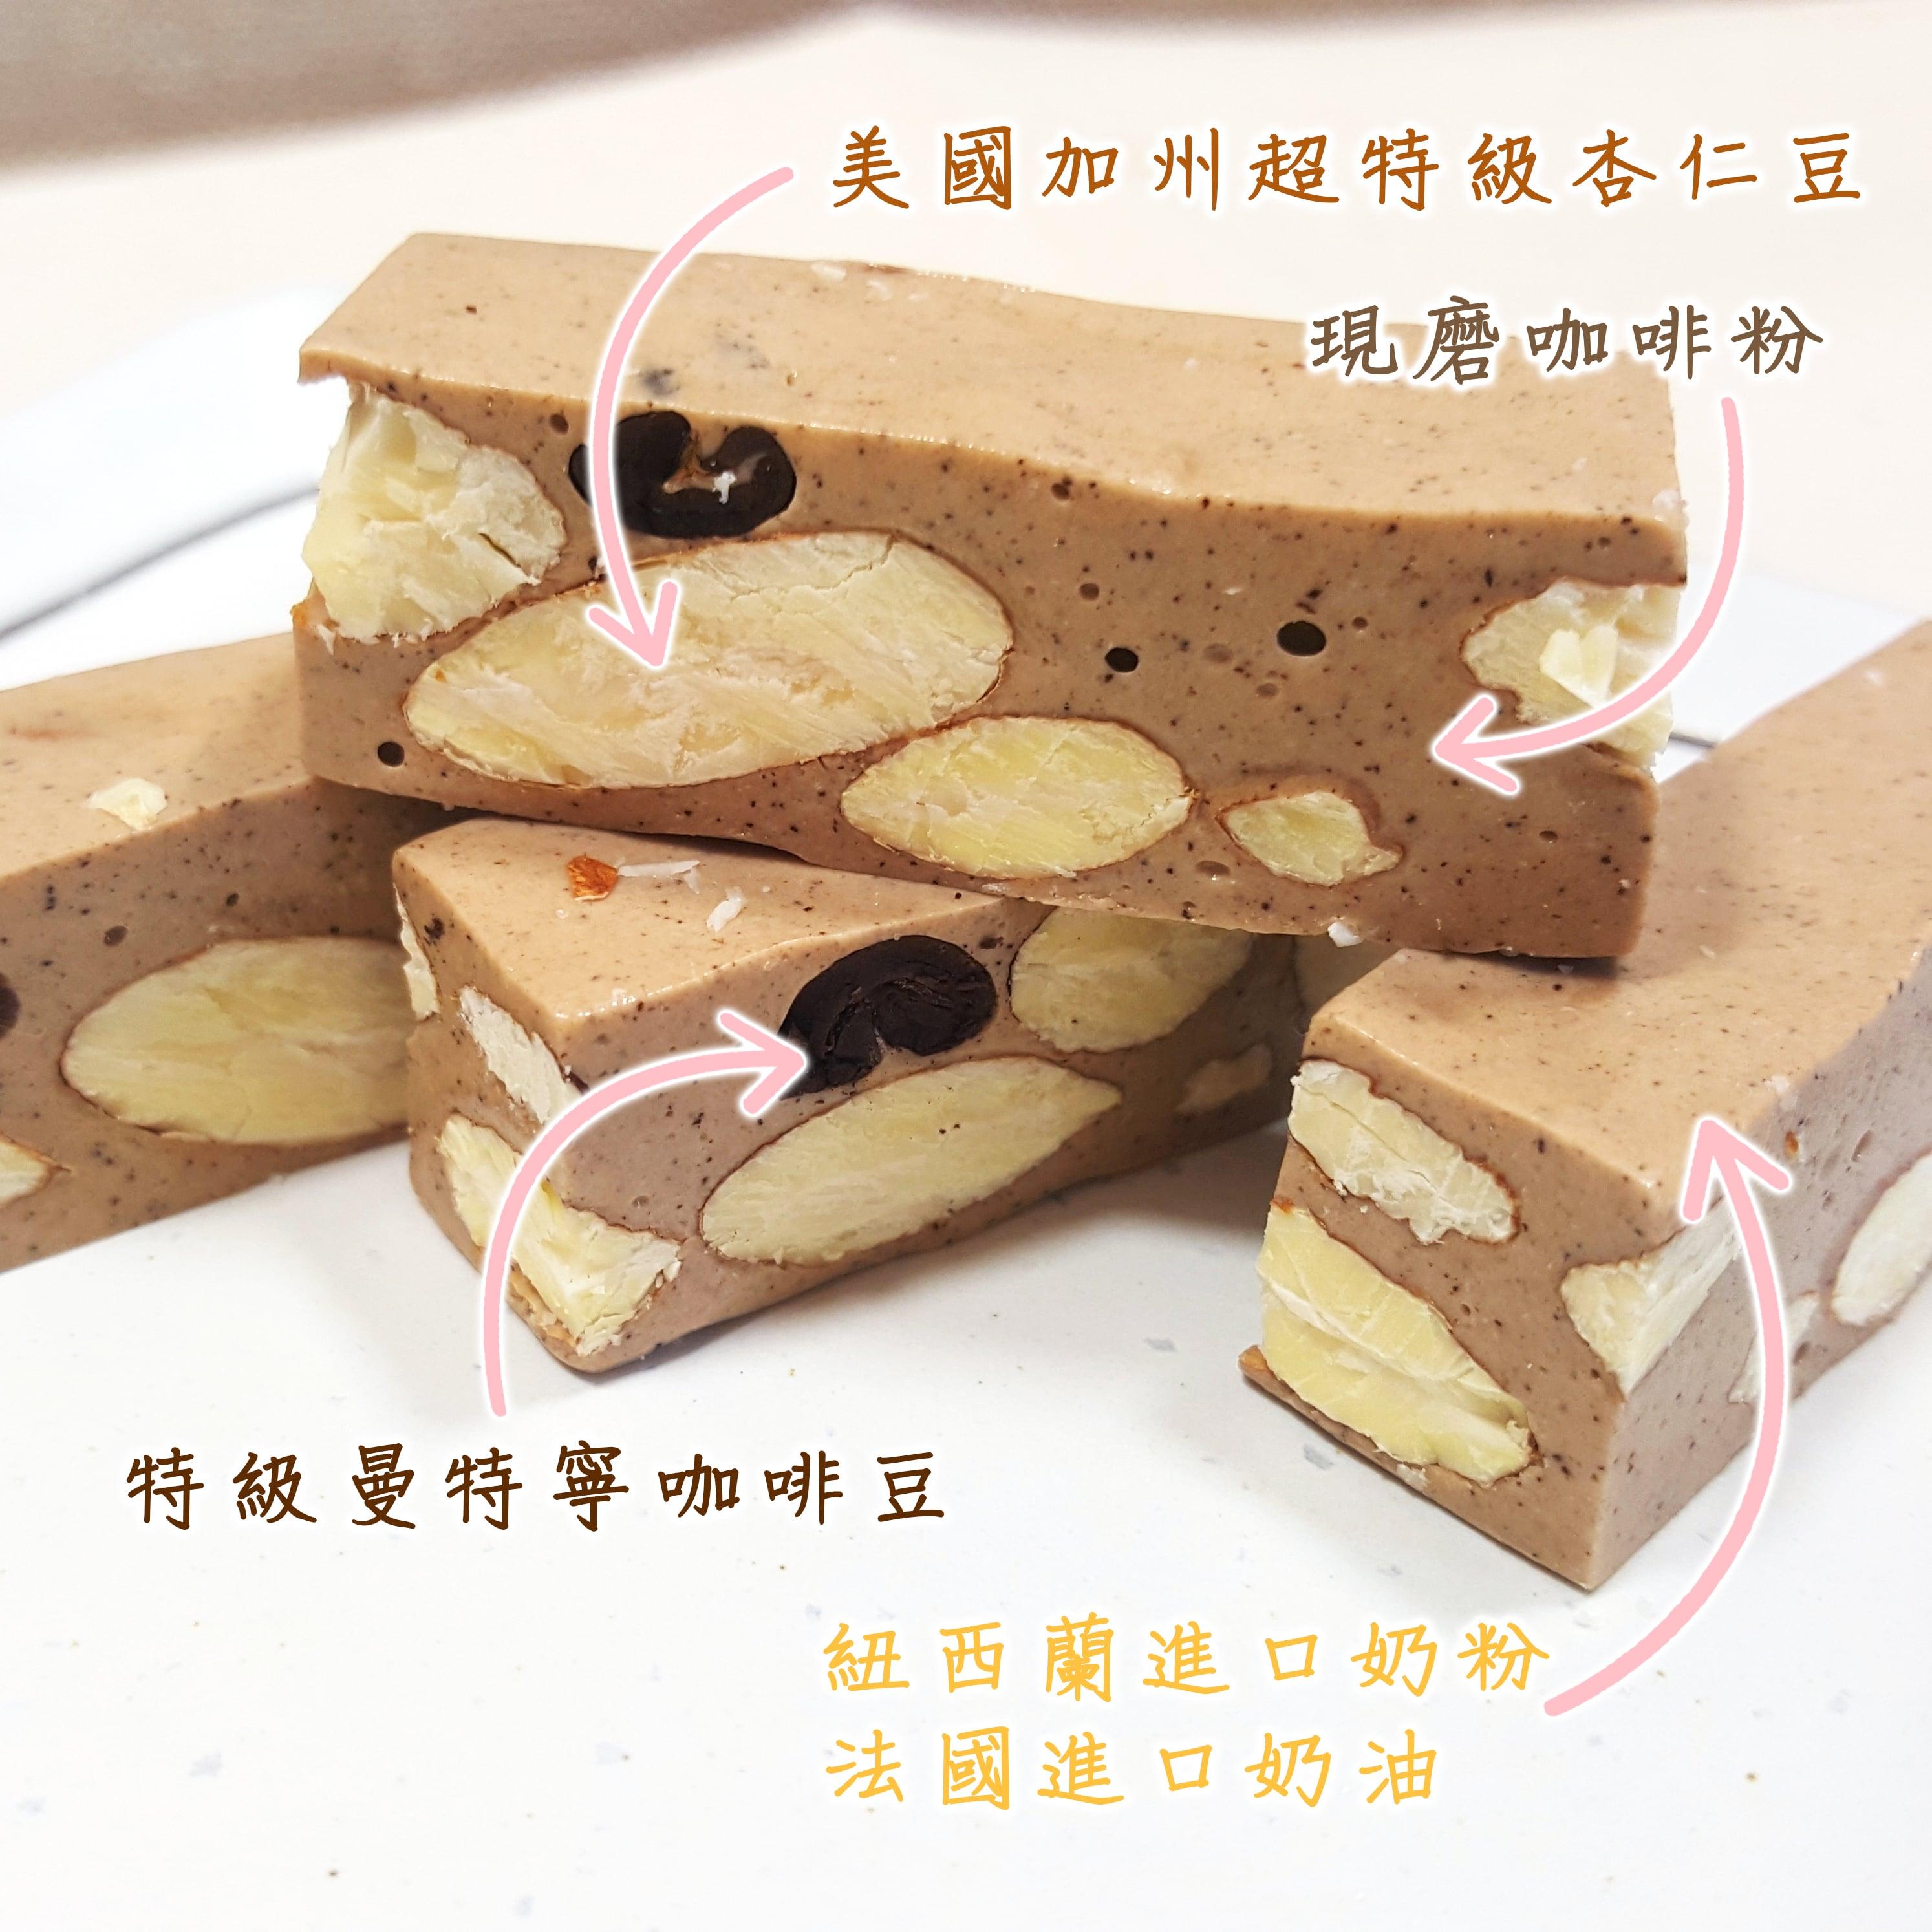 【采果食品坊】咖啡杏仁牛軋糖 216g / 袋裝[本店獨創口味] 2